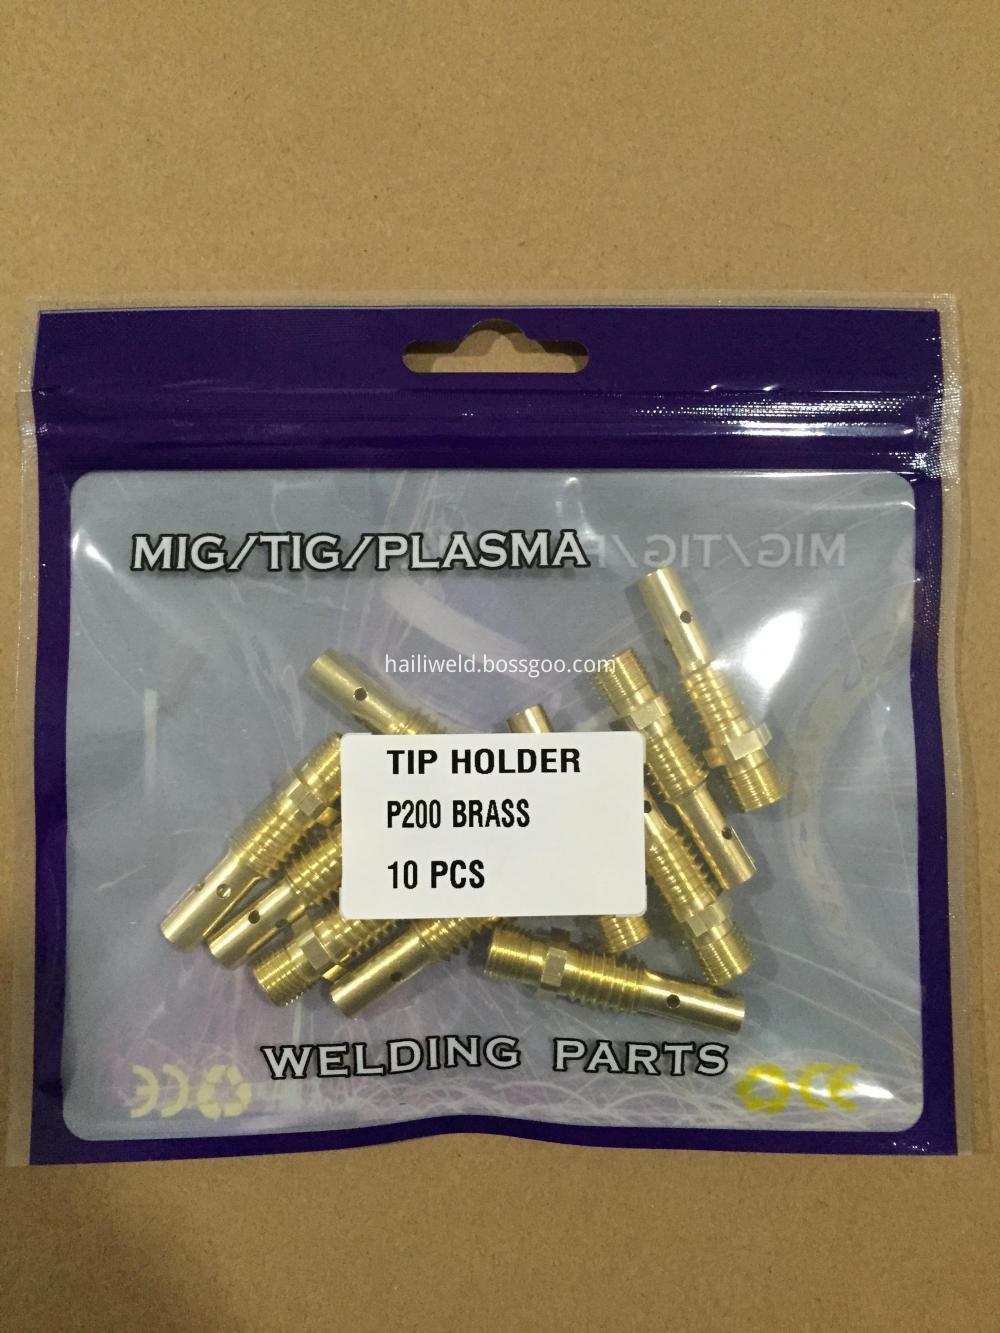 Tip Holder P200 Brass